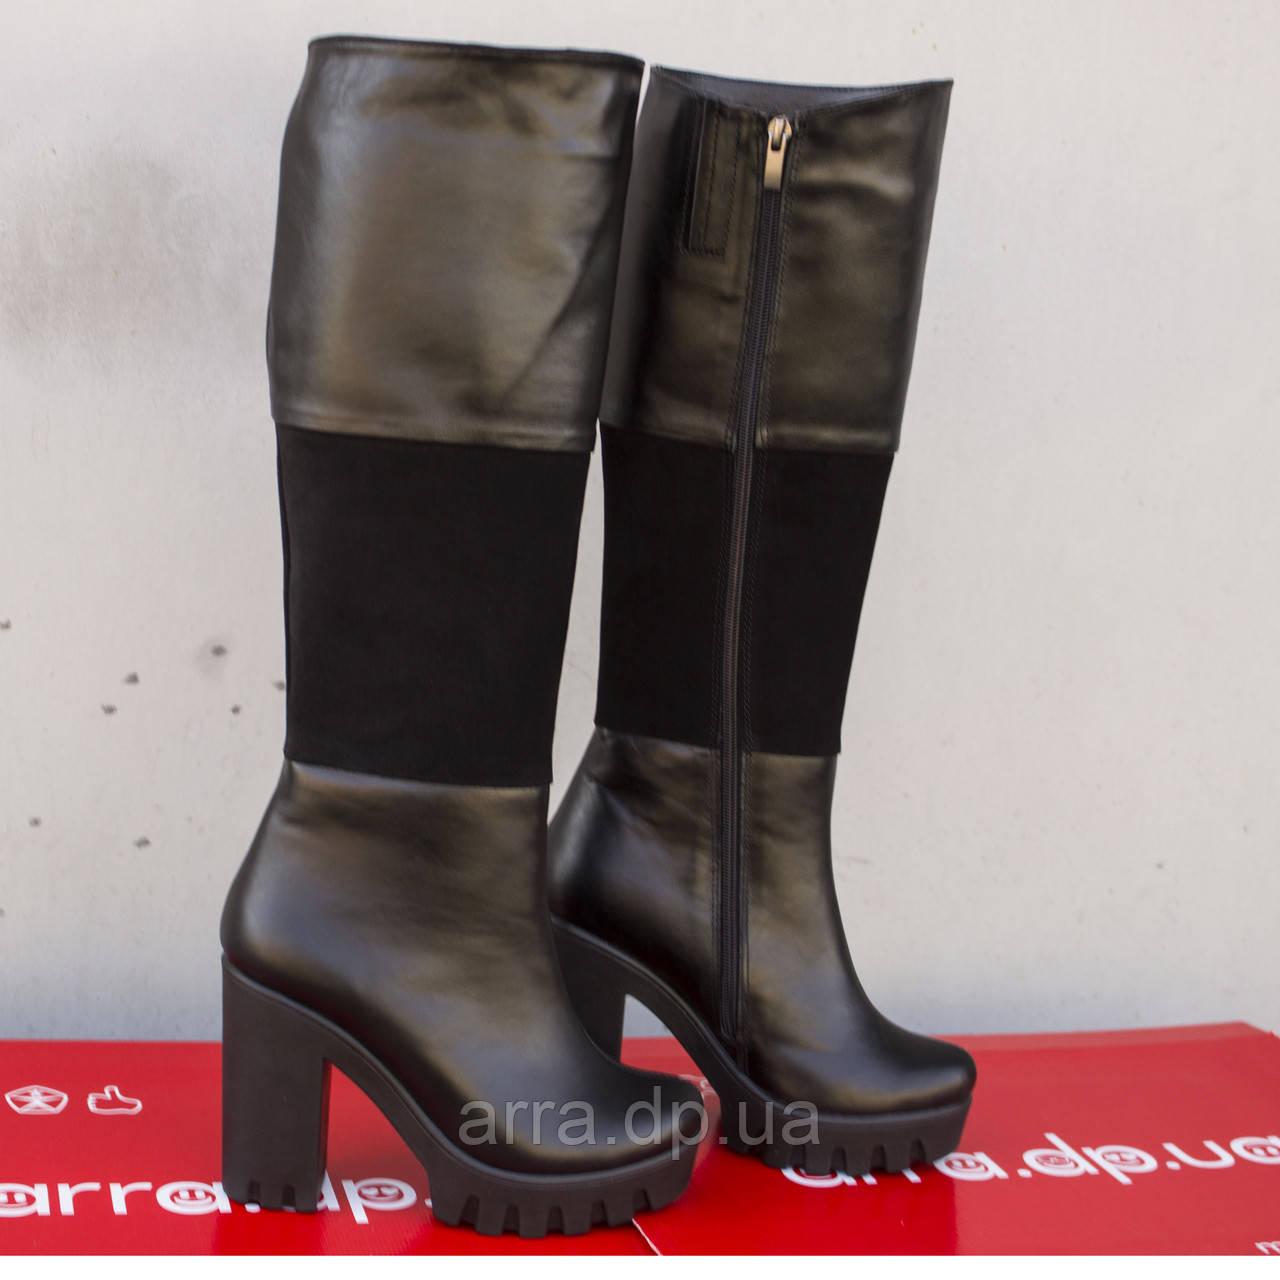 Высокие кожаные сапоги на каблуке